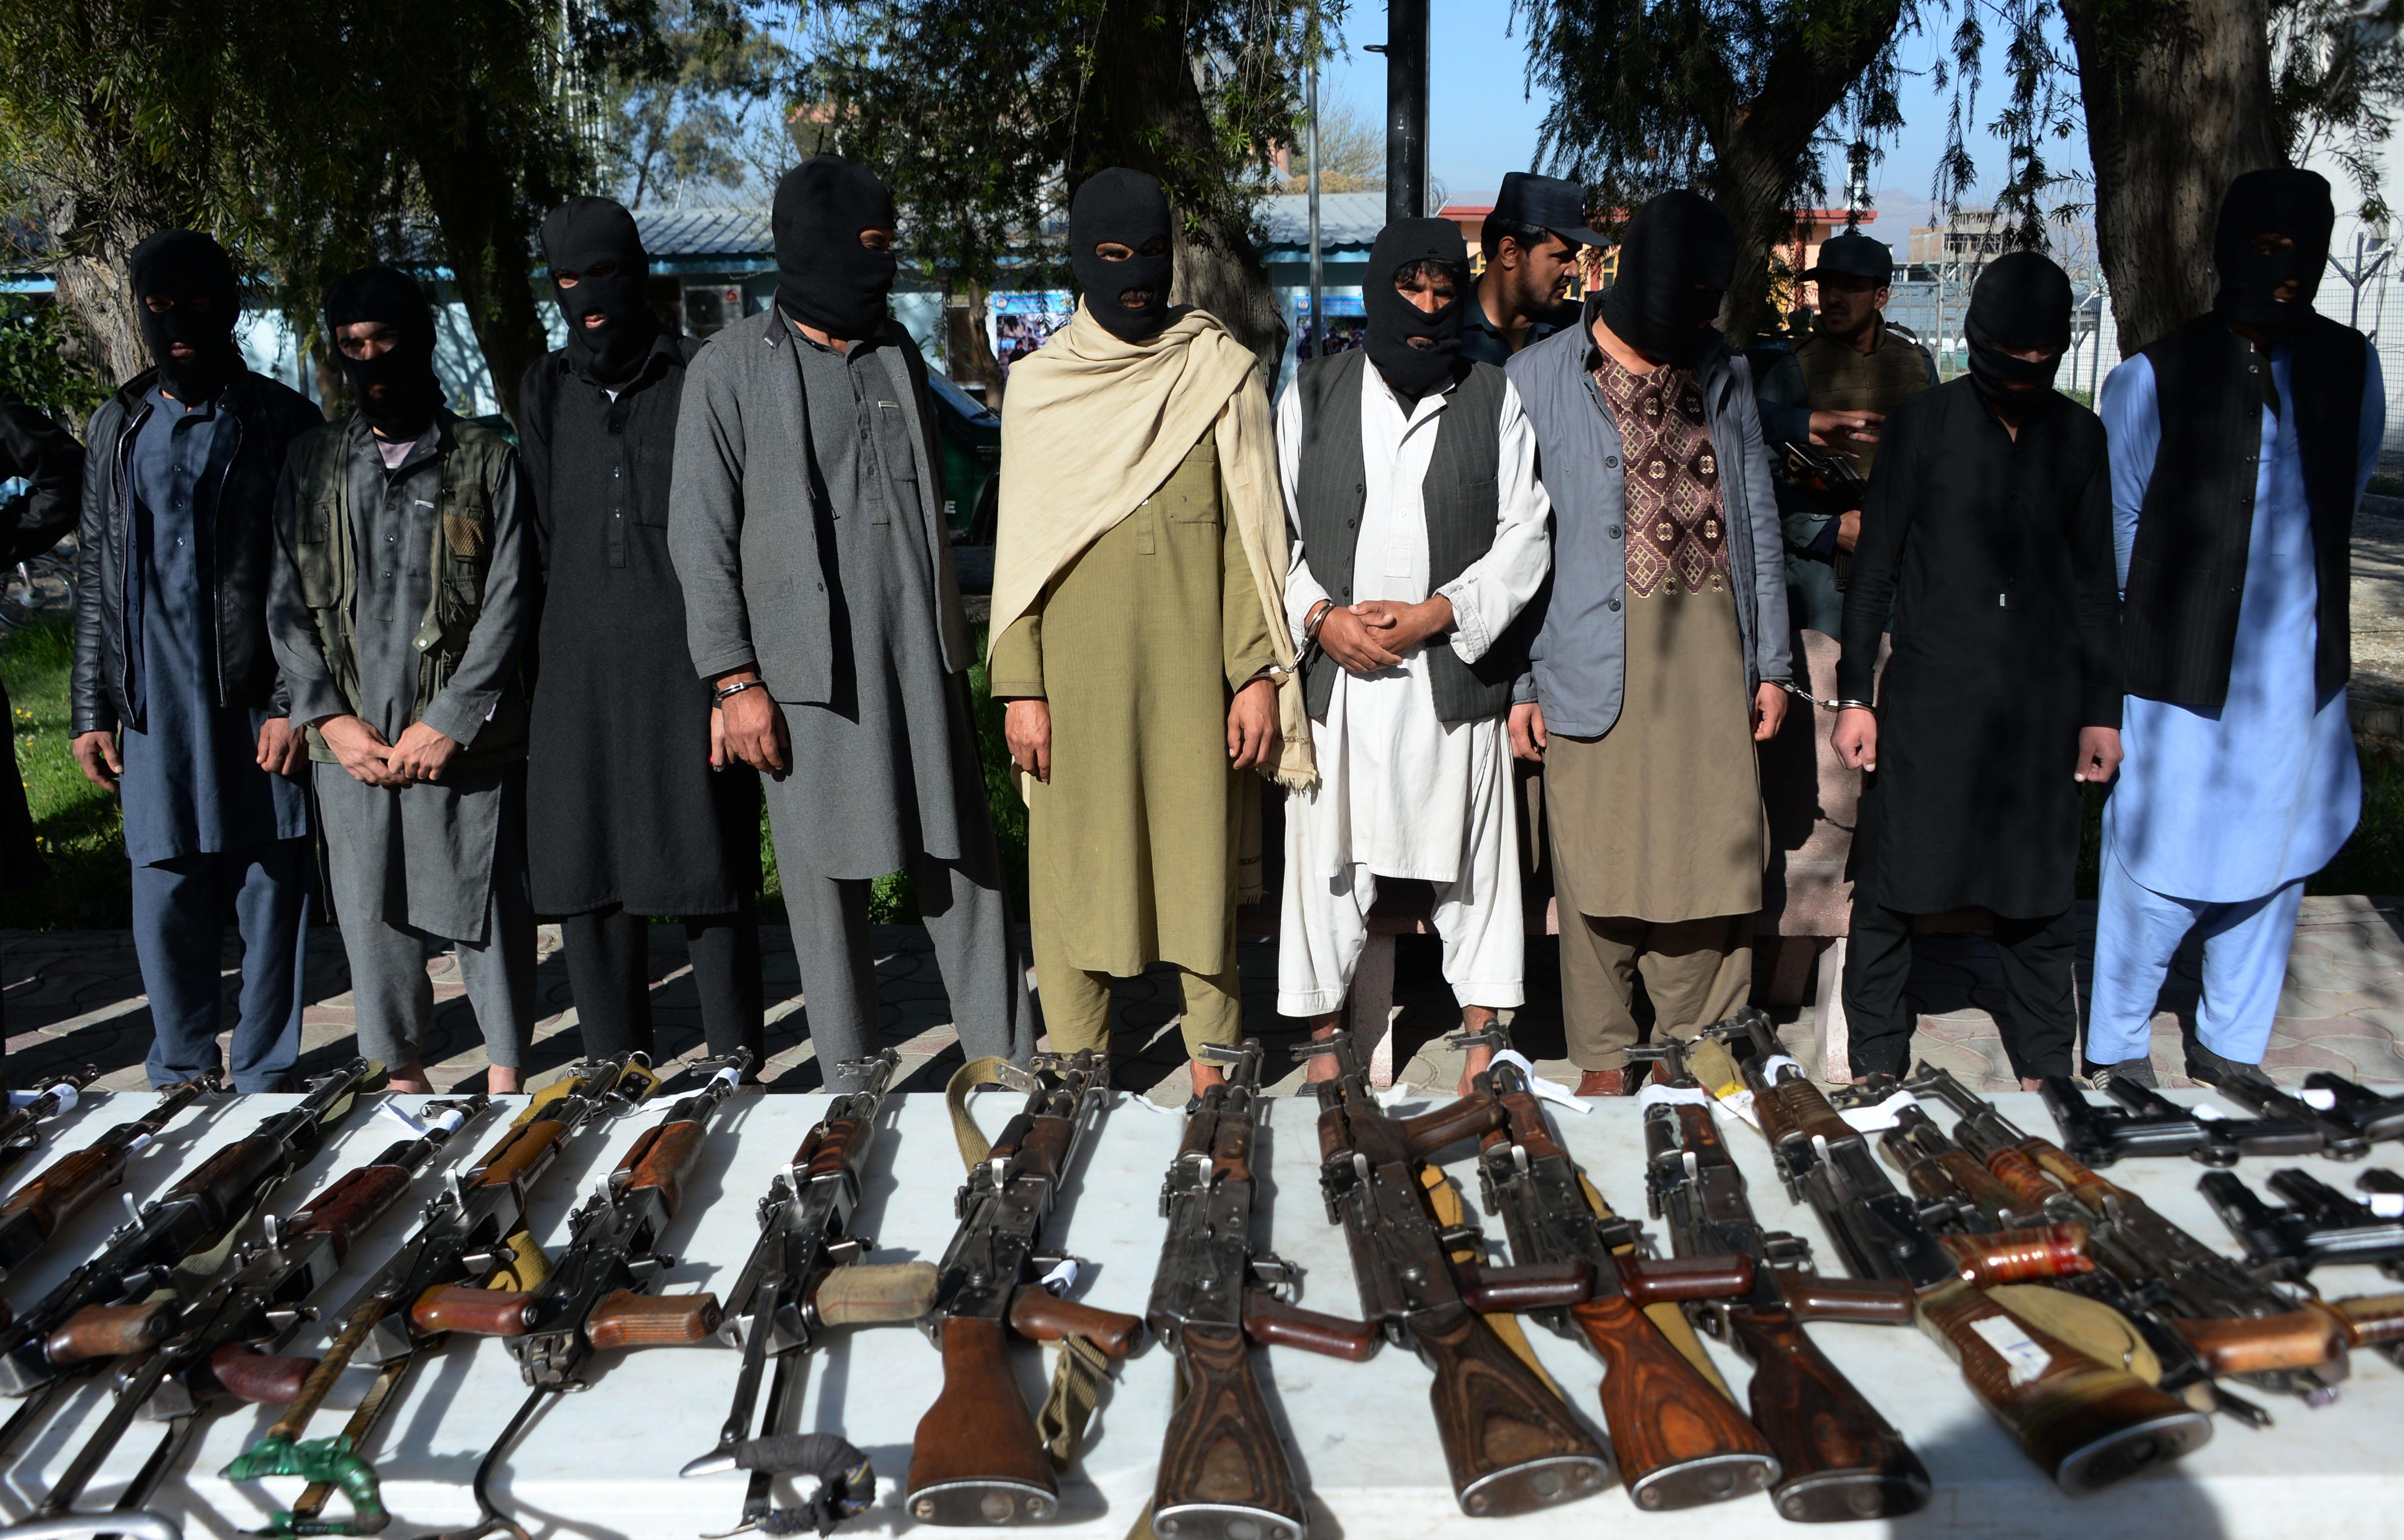 افزایش فشار بر طالبان بخاطر یکجا شدن به پروسه صلح